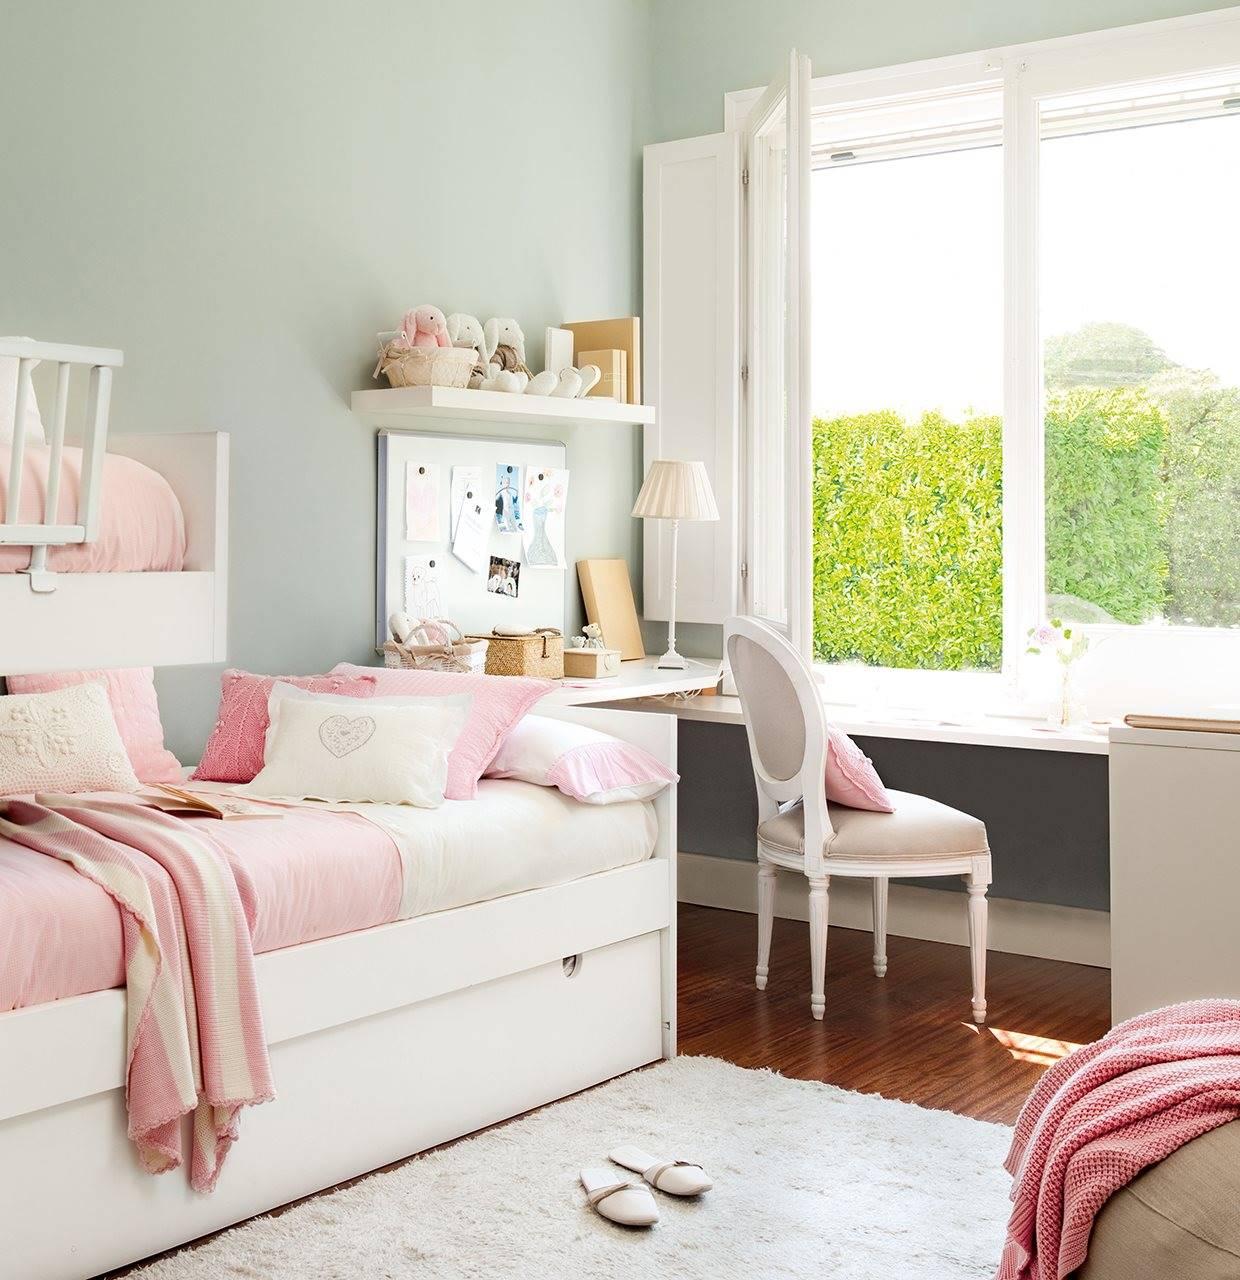 3 presupuestos para tener una habitaci n juvenil - Paredes habitacion juvenil ...